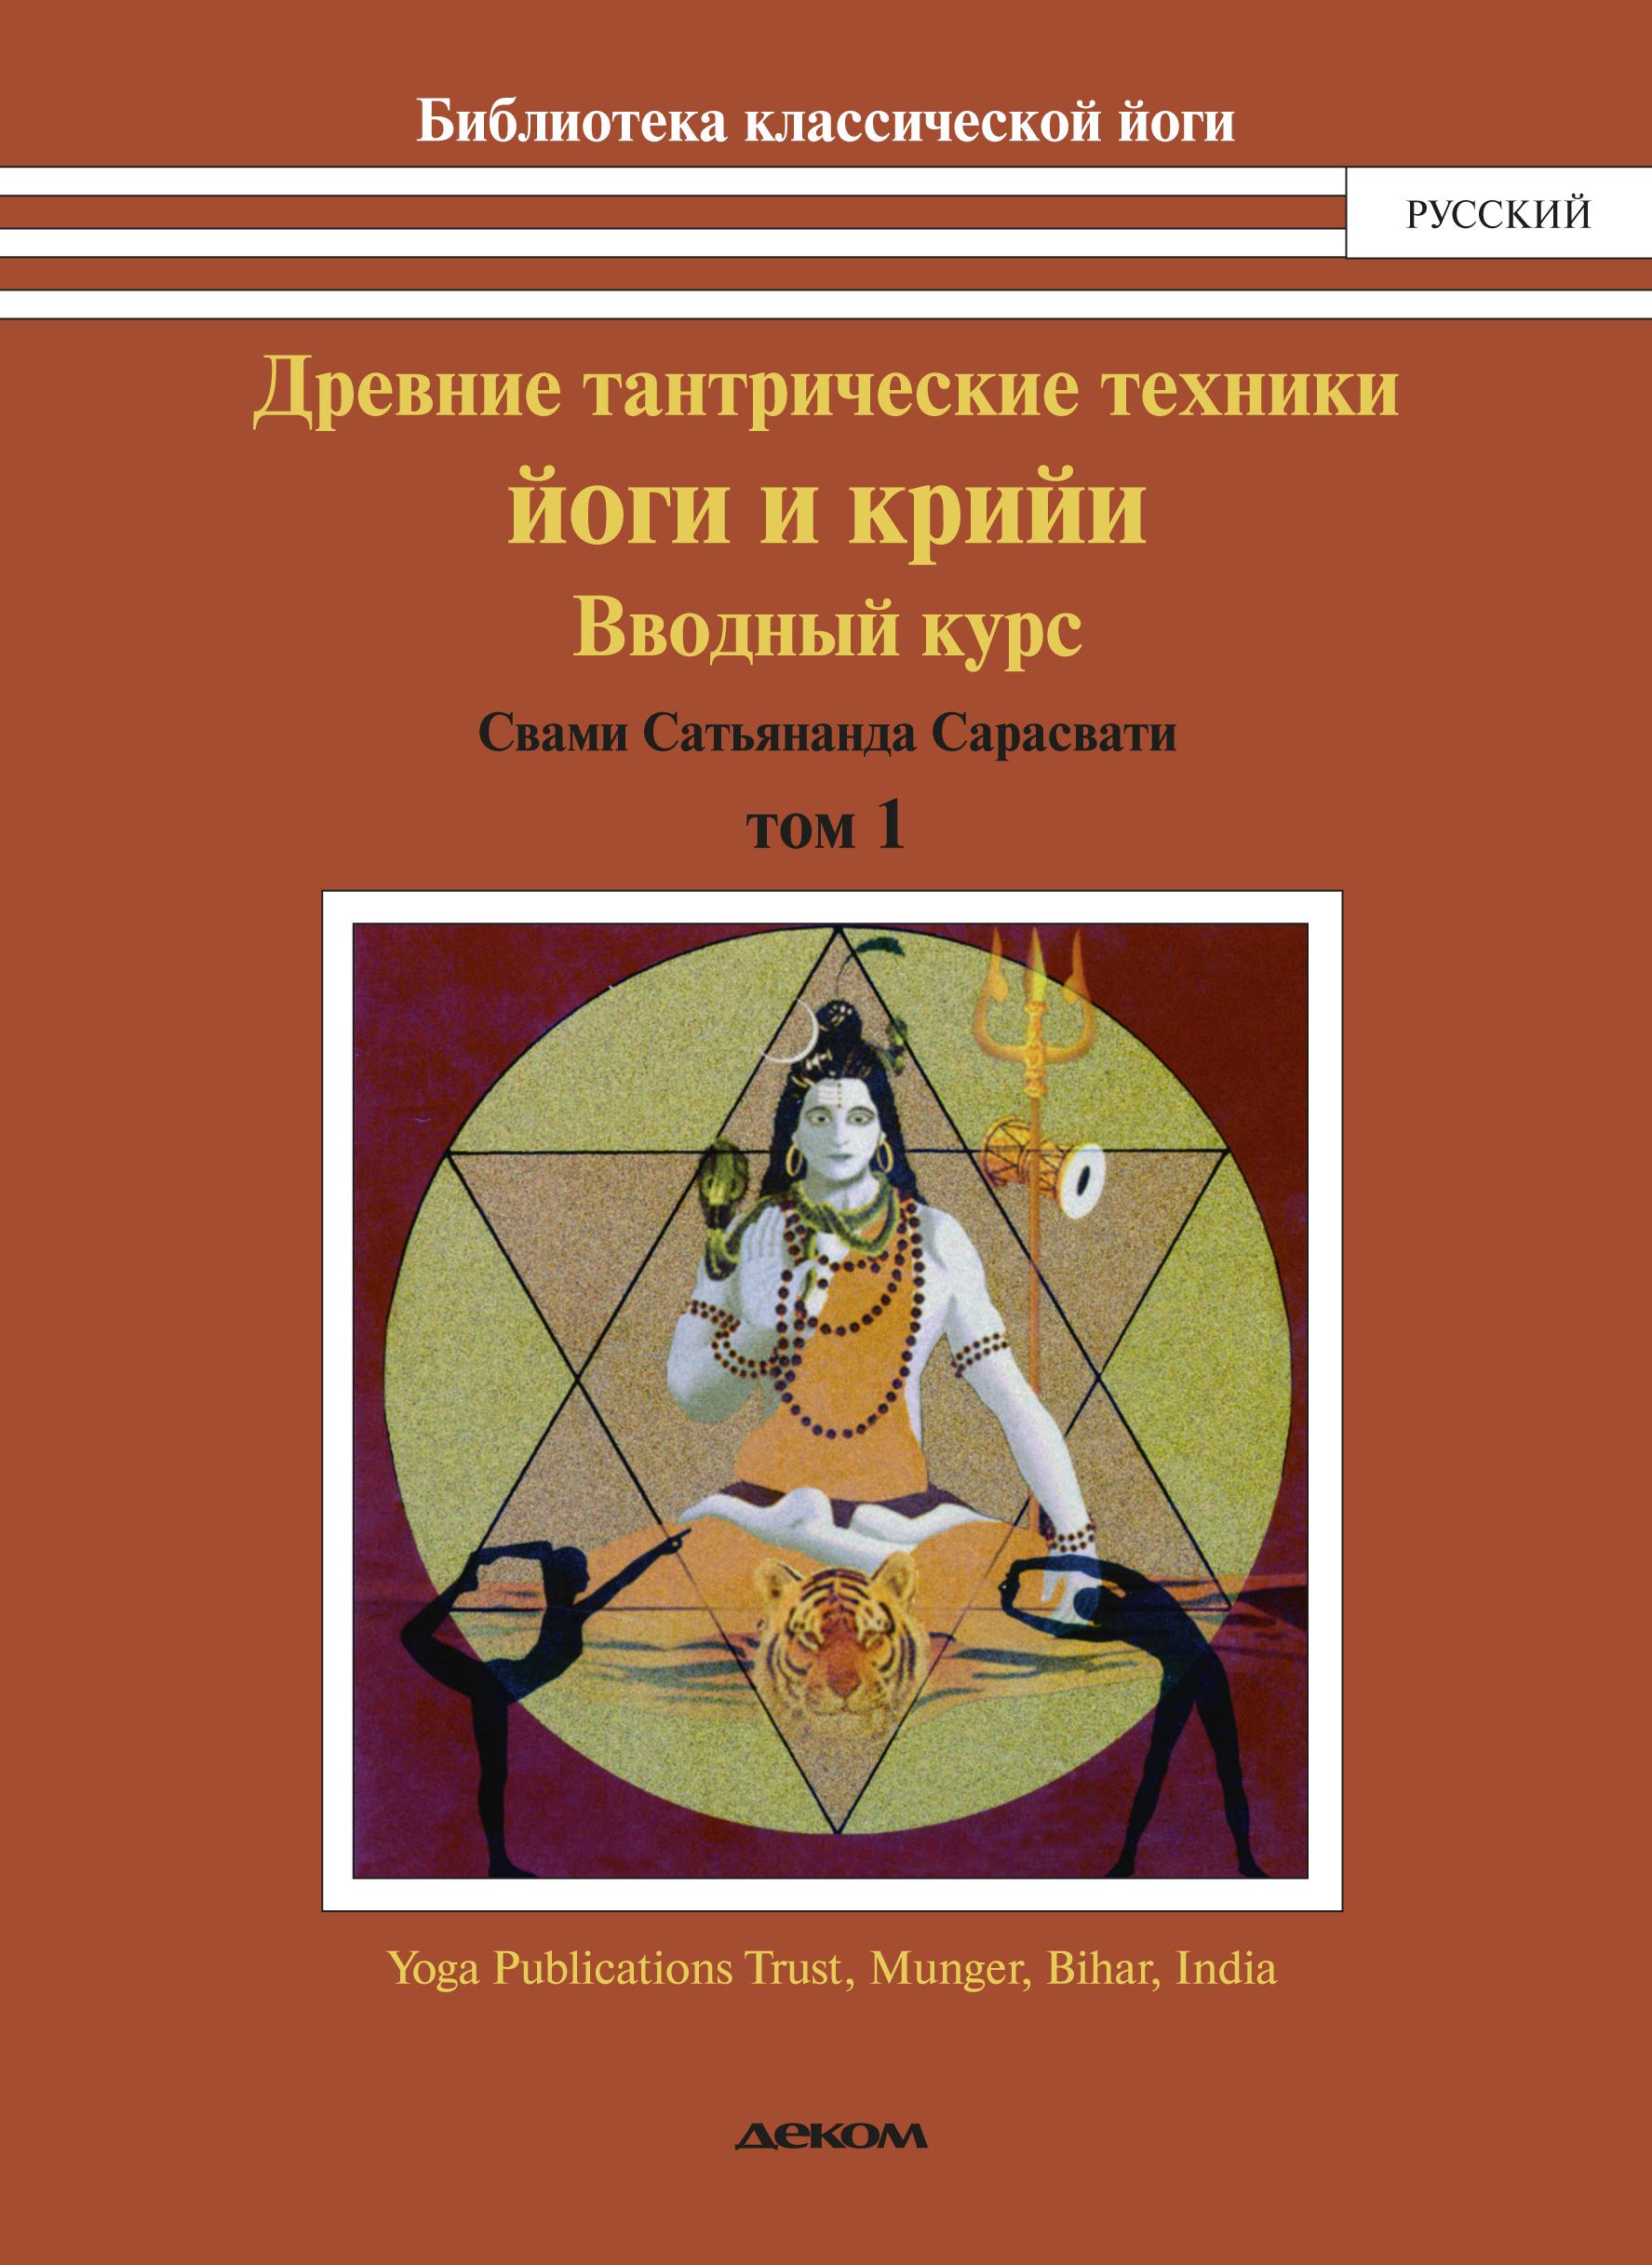 Древние тантрические техники ЙОГИ и КРИЙИ. Том 1. Вводный курс. К-10715